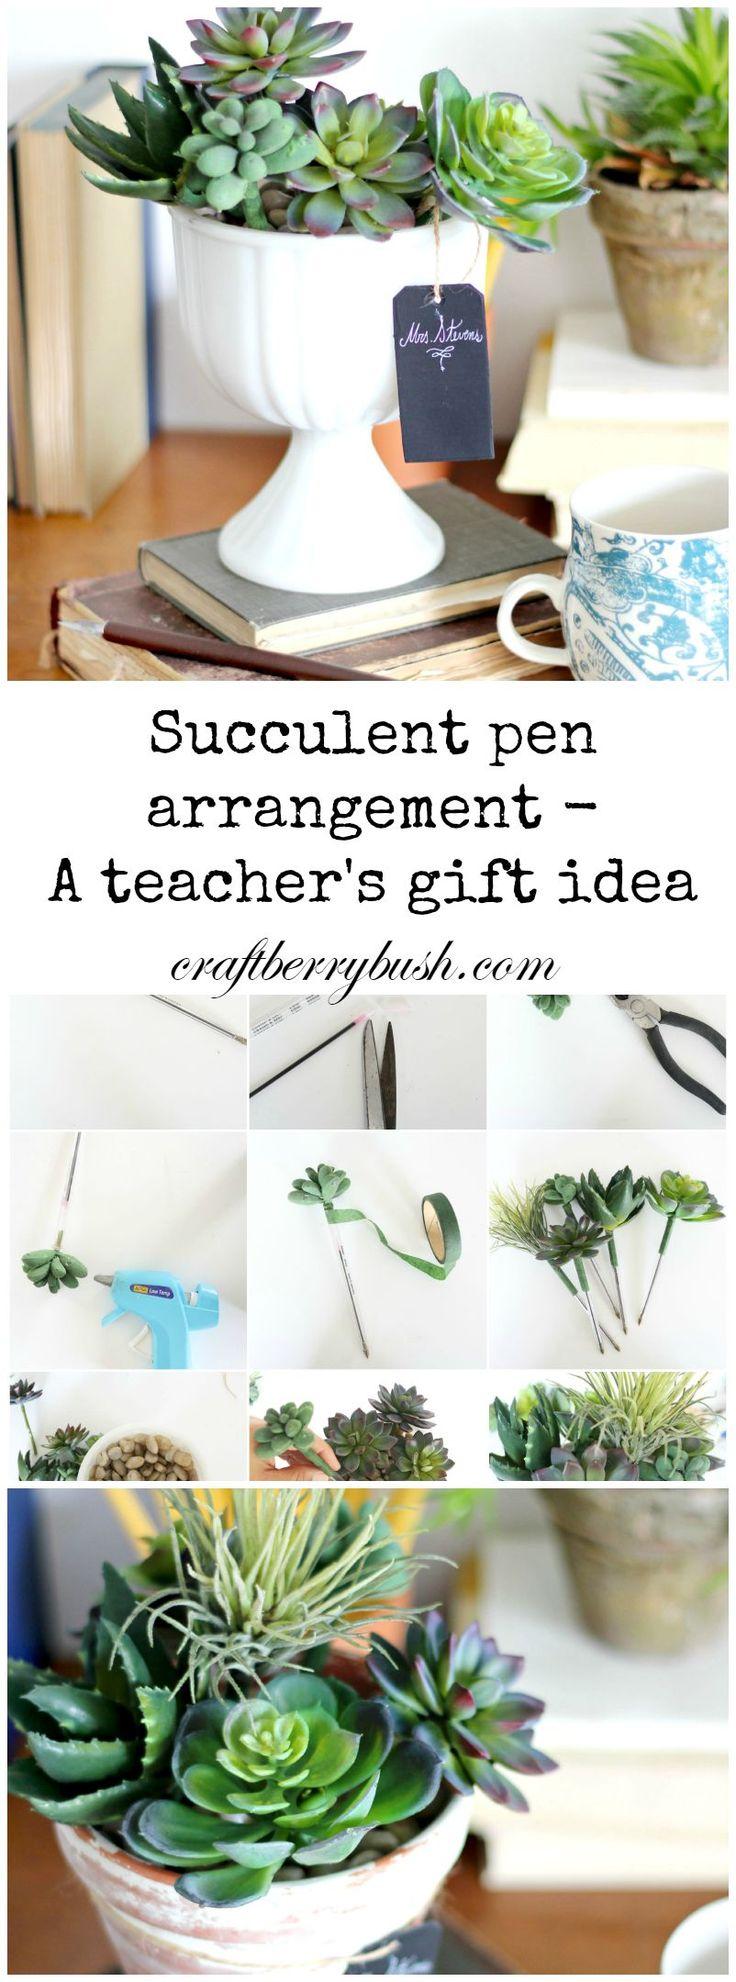 Succulent Pen Arrangement - teacher's gift idea by MichaelsMakers Craftberrybush